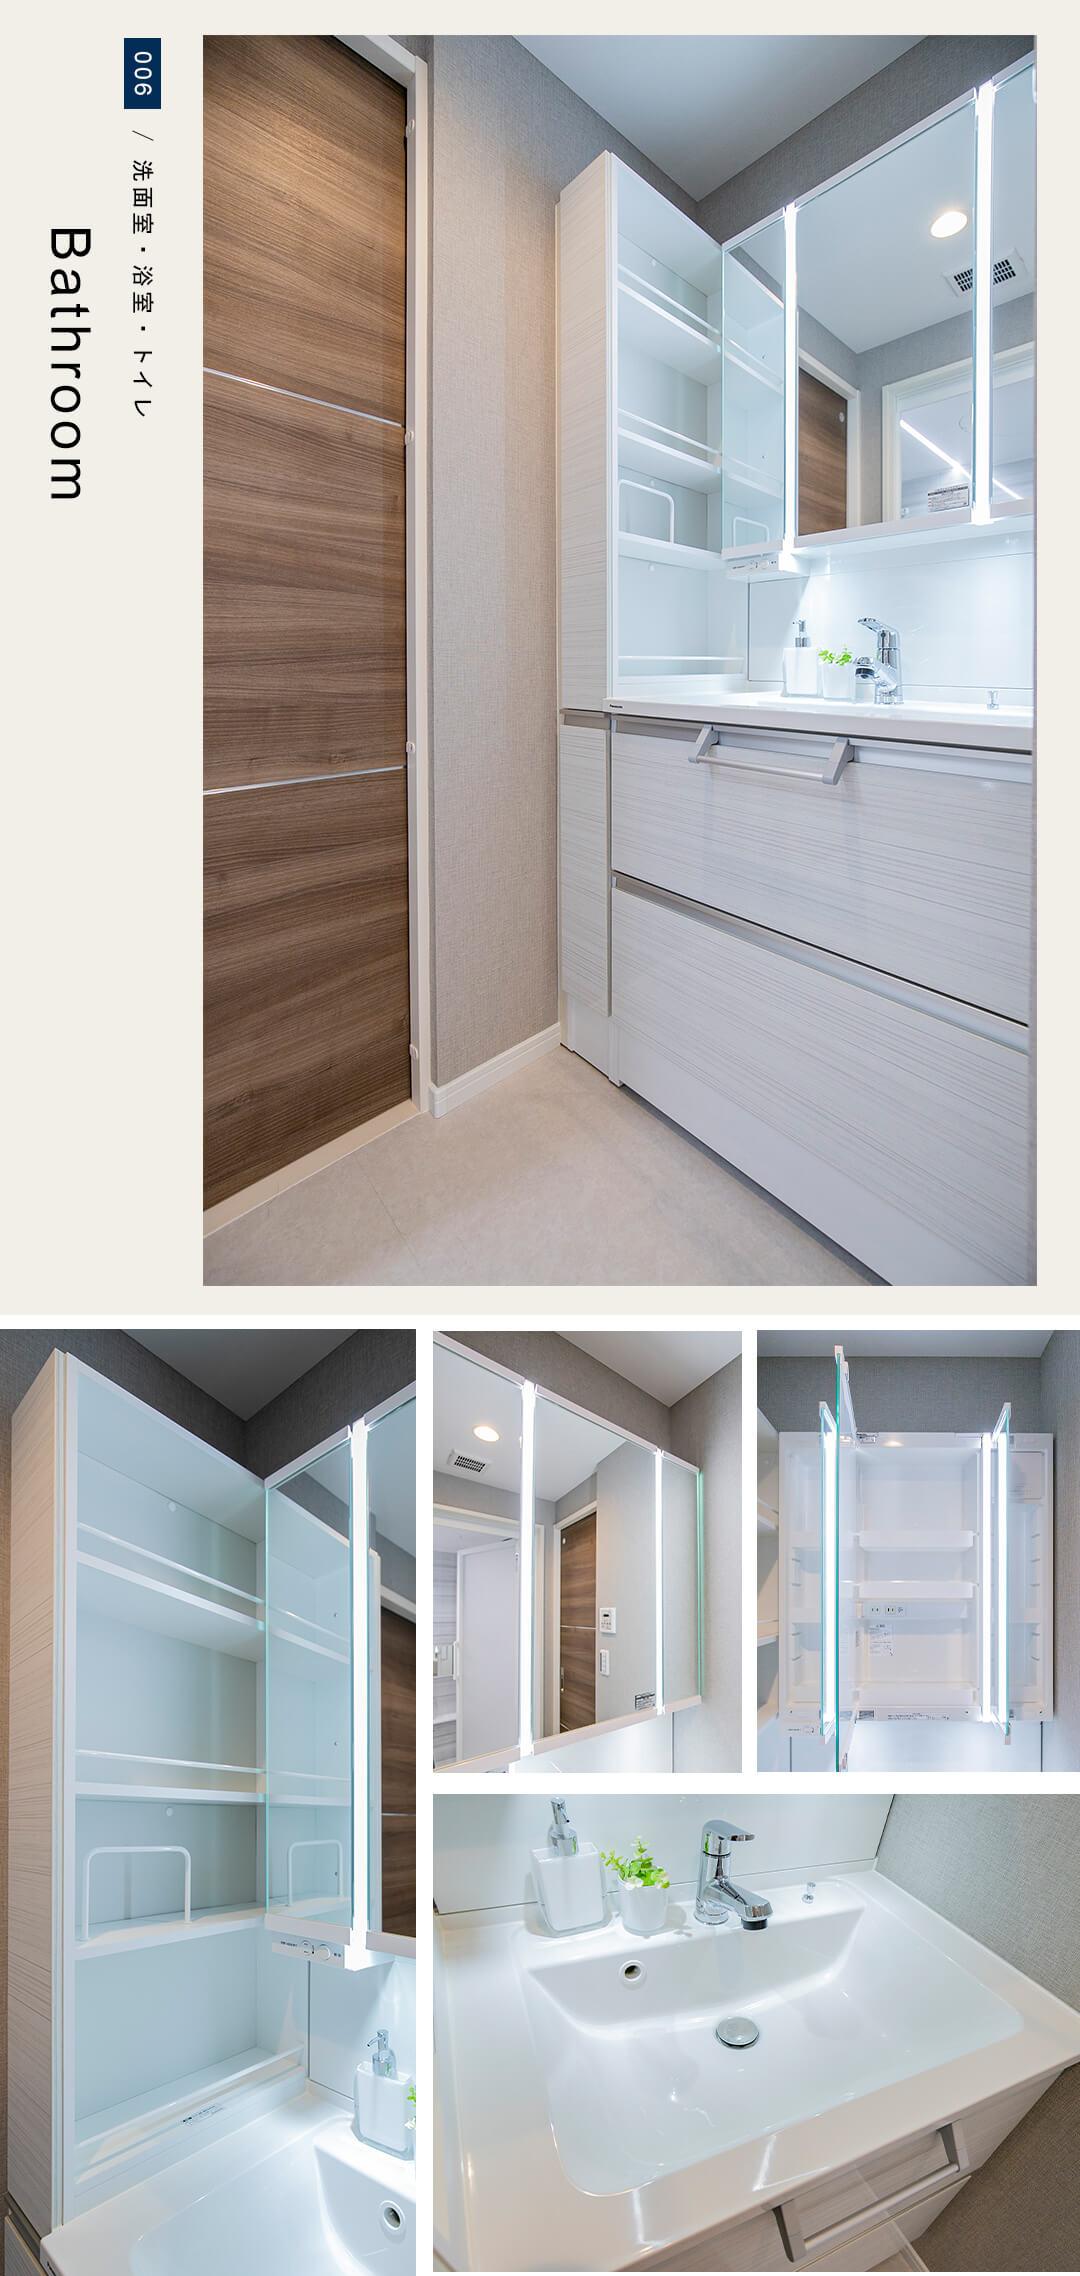 ライオンズマンション荻窪第6の洗面室